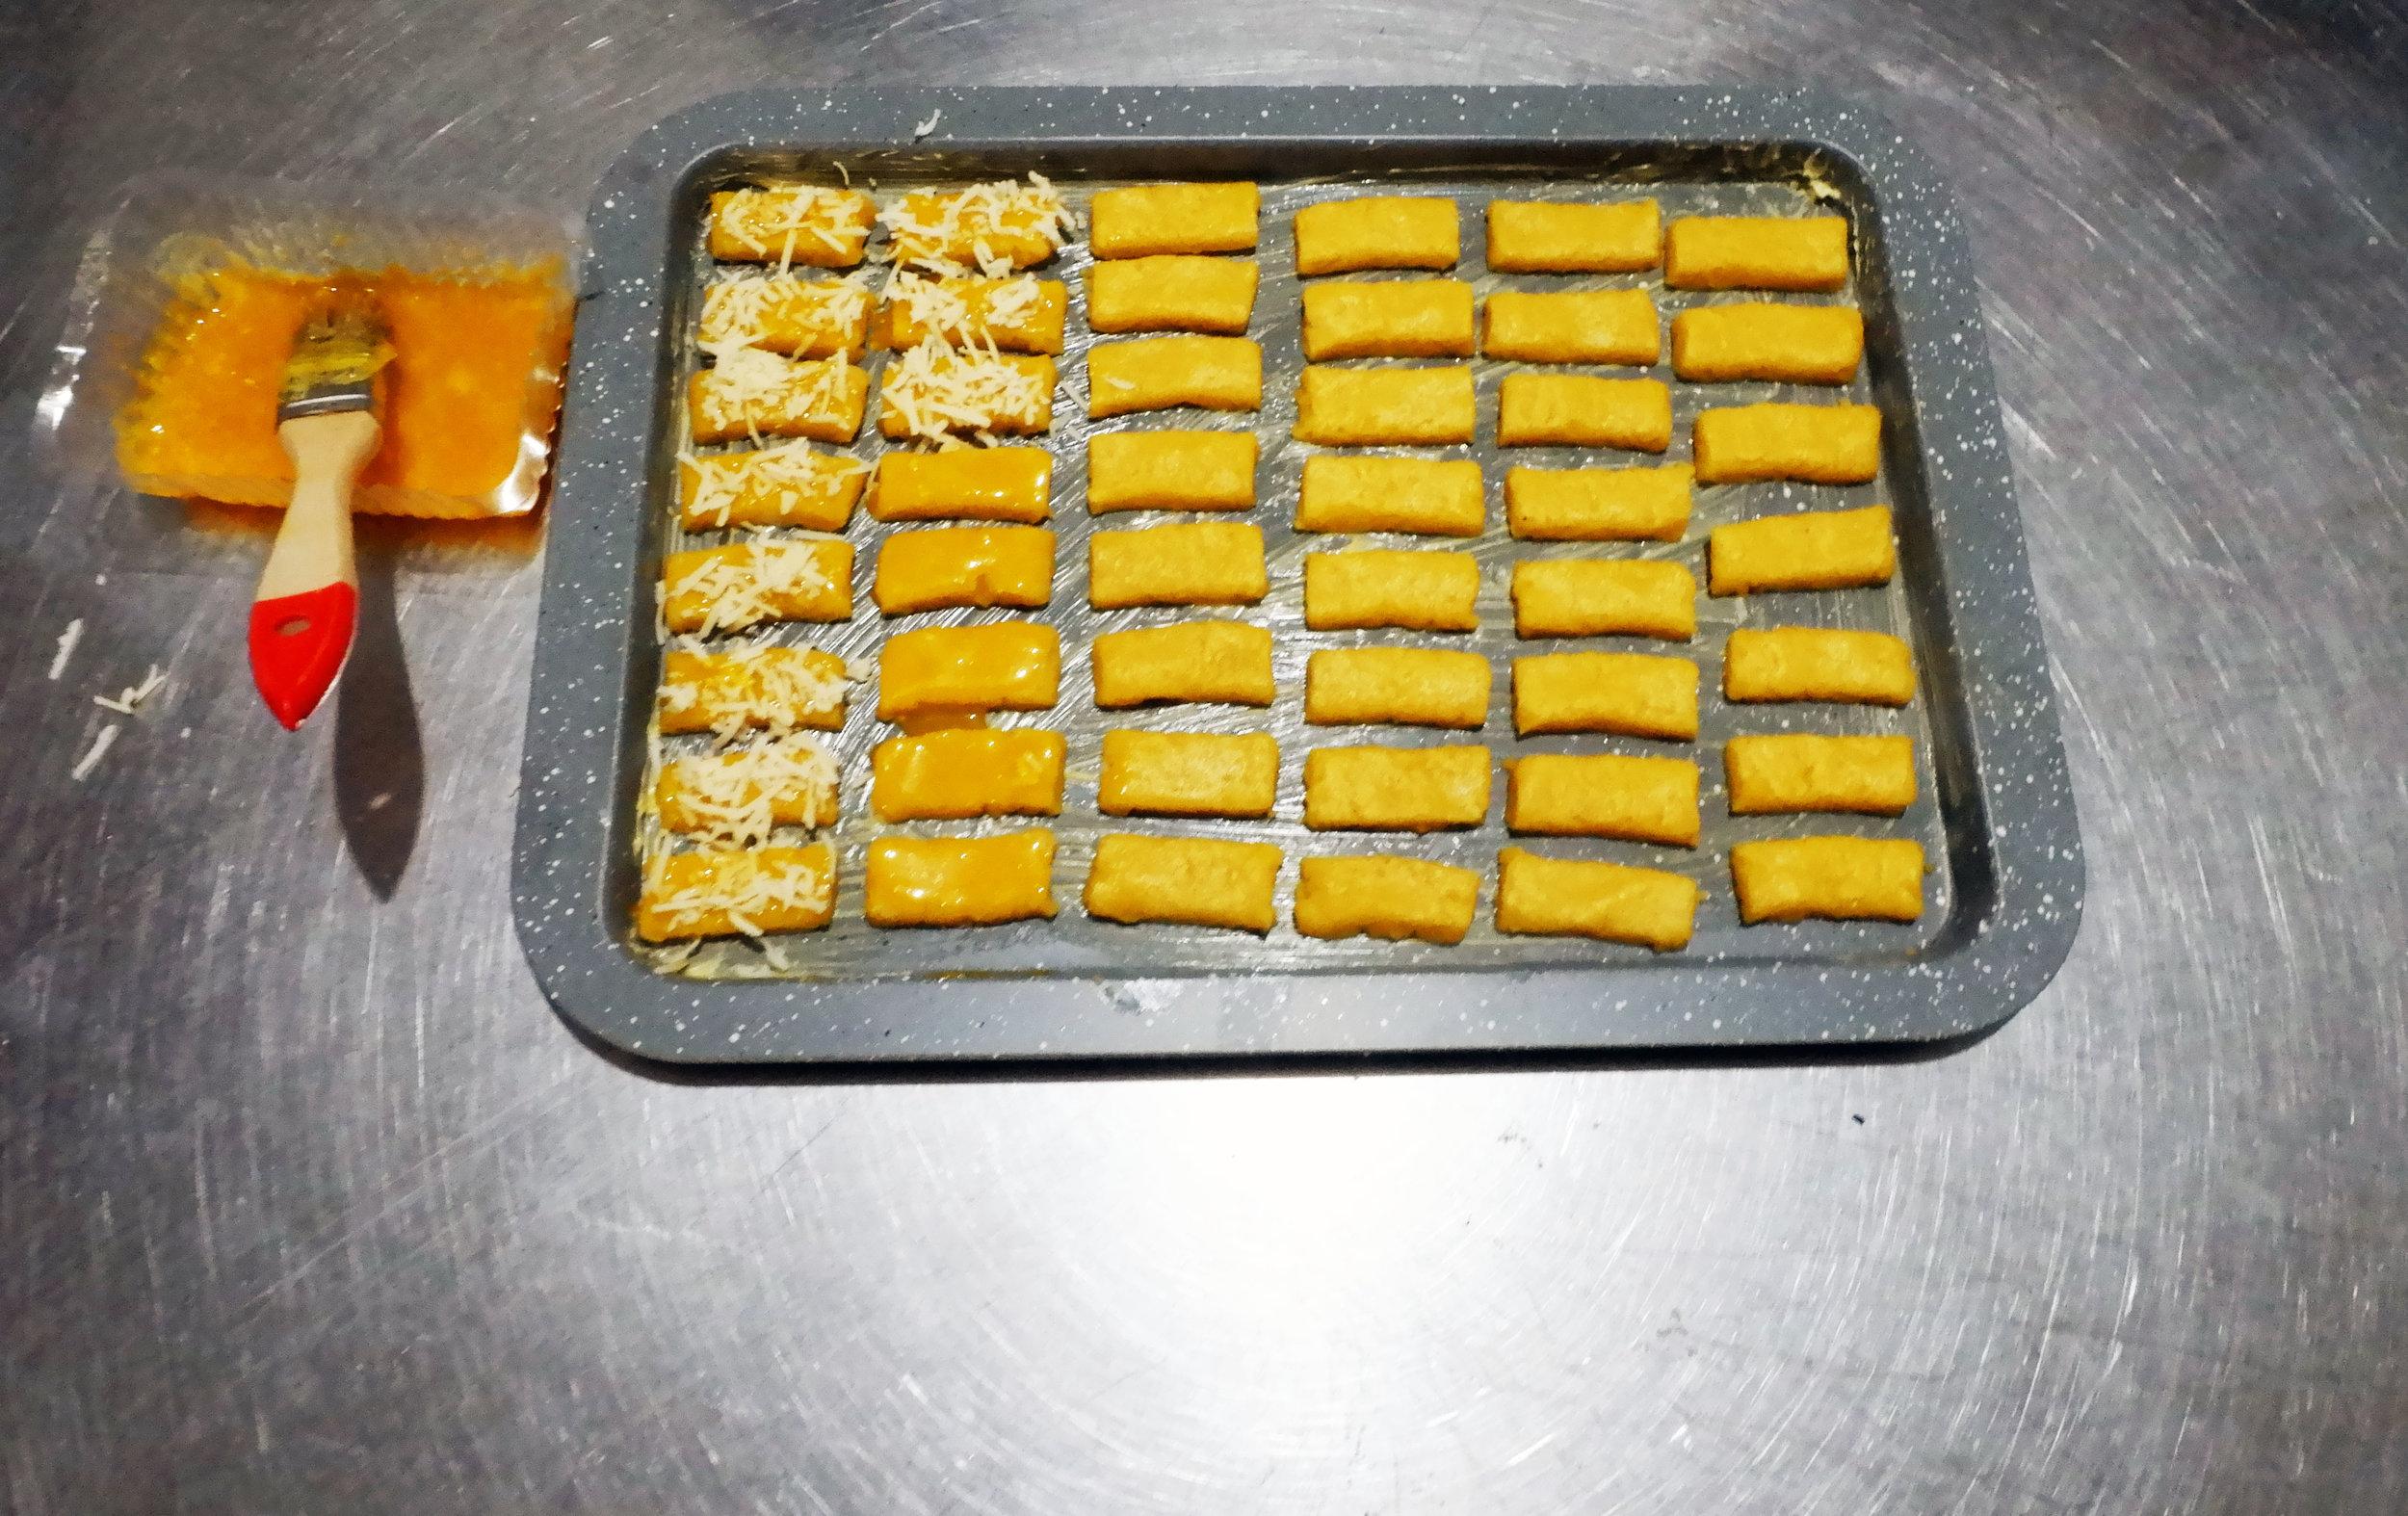 - Oleskan kuning telur pada adonan tersebut, kemudian taburi parutan keju pada bagian atas adonan secukupnya.